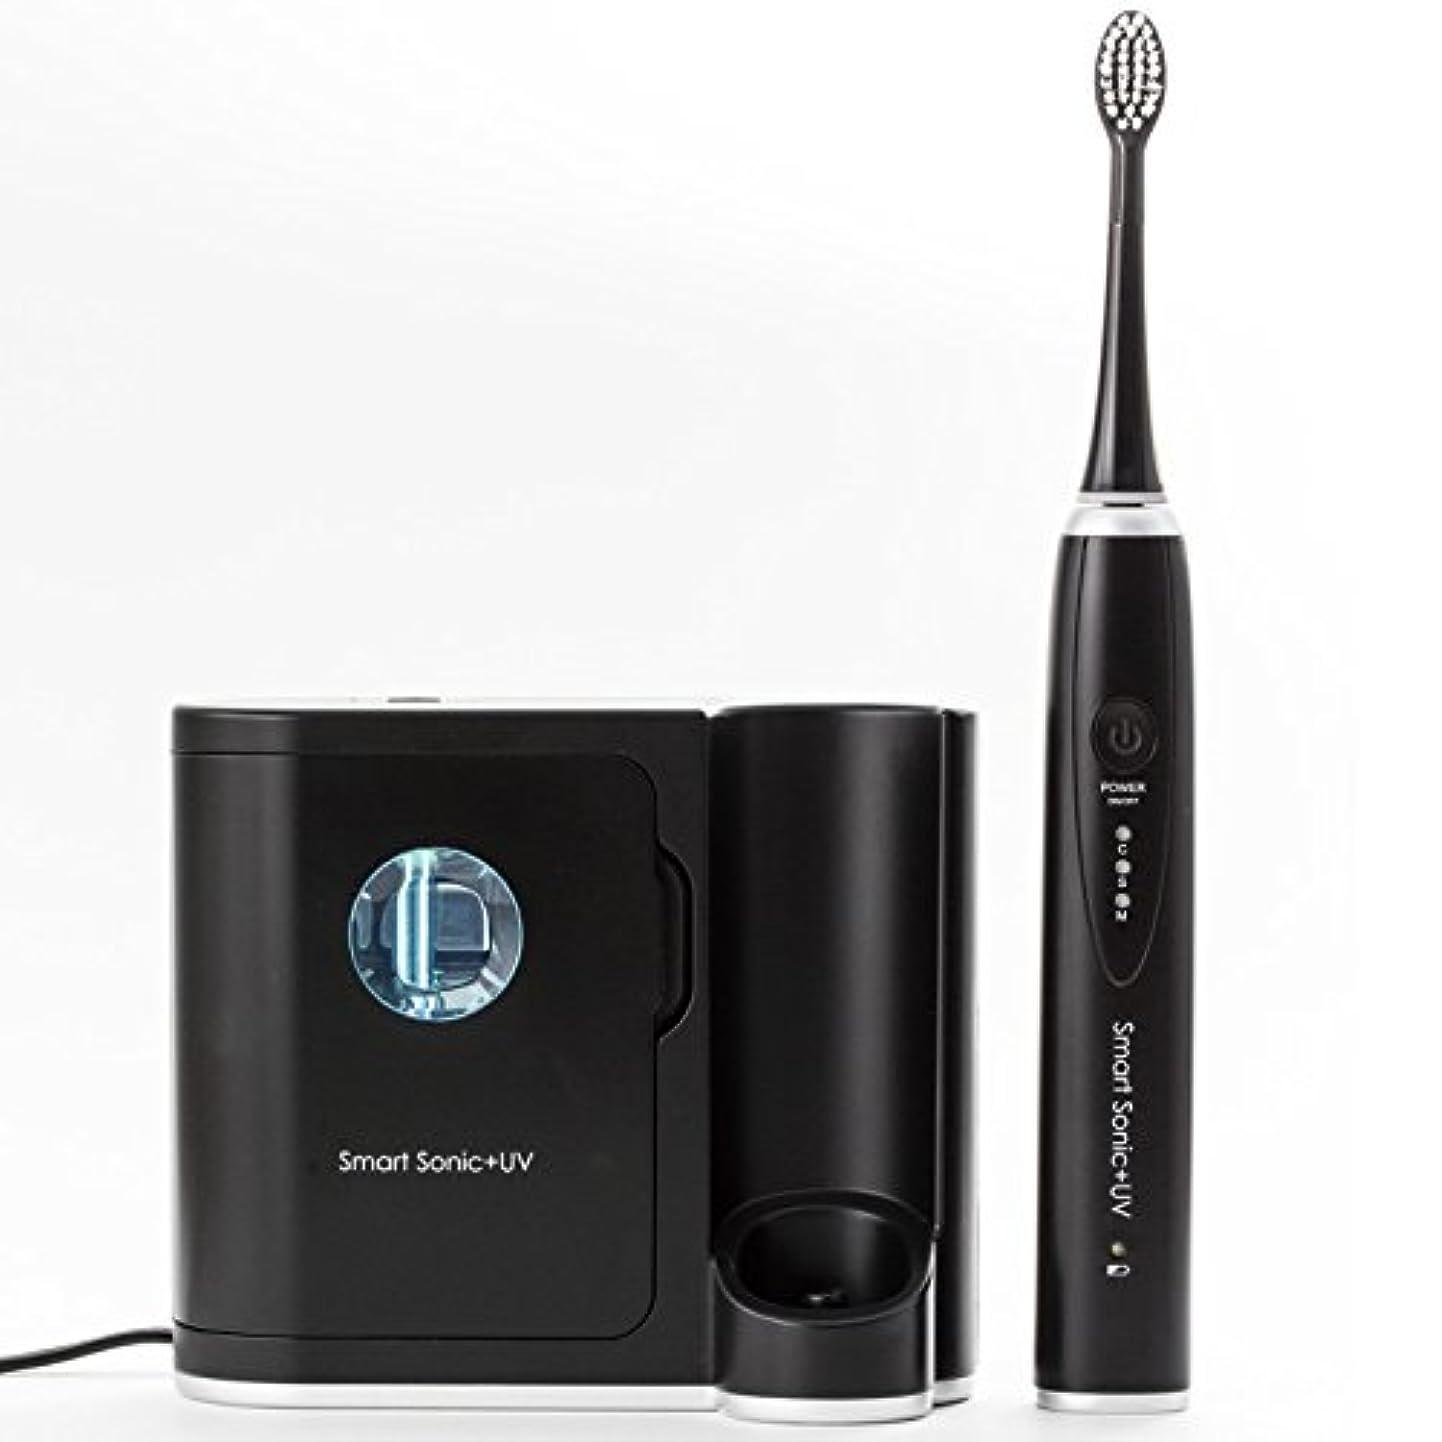 これら刈る怖い音波歯ブラシ UV 紫外線除菌 歯ブラシ 殺菌機能付き 電動歯ブラシ スマートソニック プラス UV Smart Sonic UV